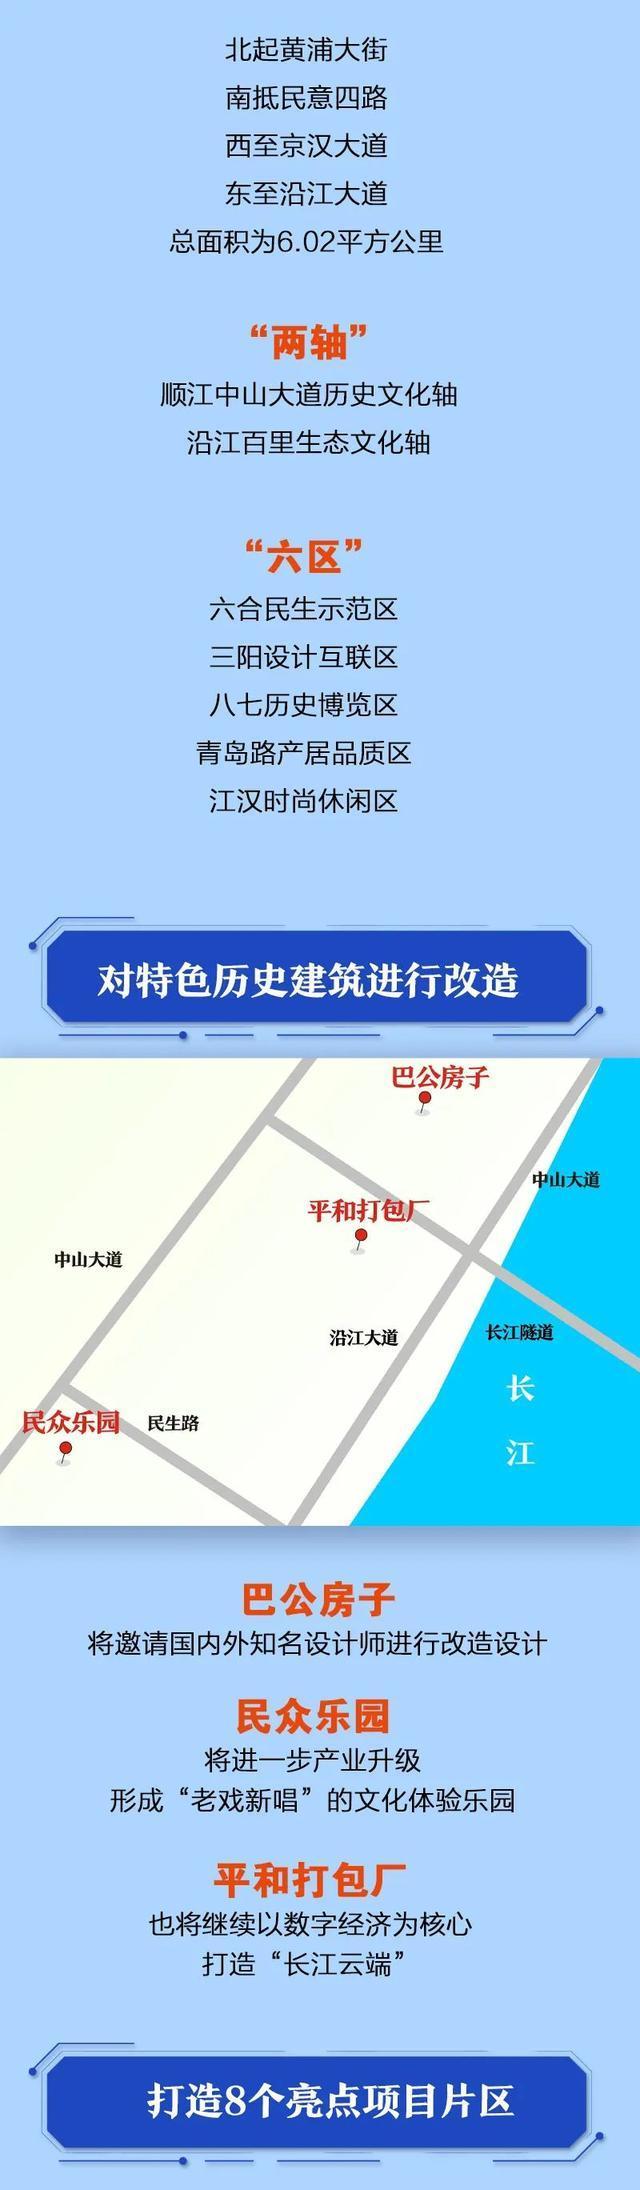 范围划定!武汉这7个区需要欣赏! 第11张